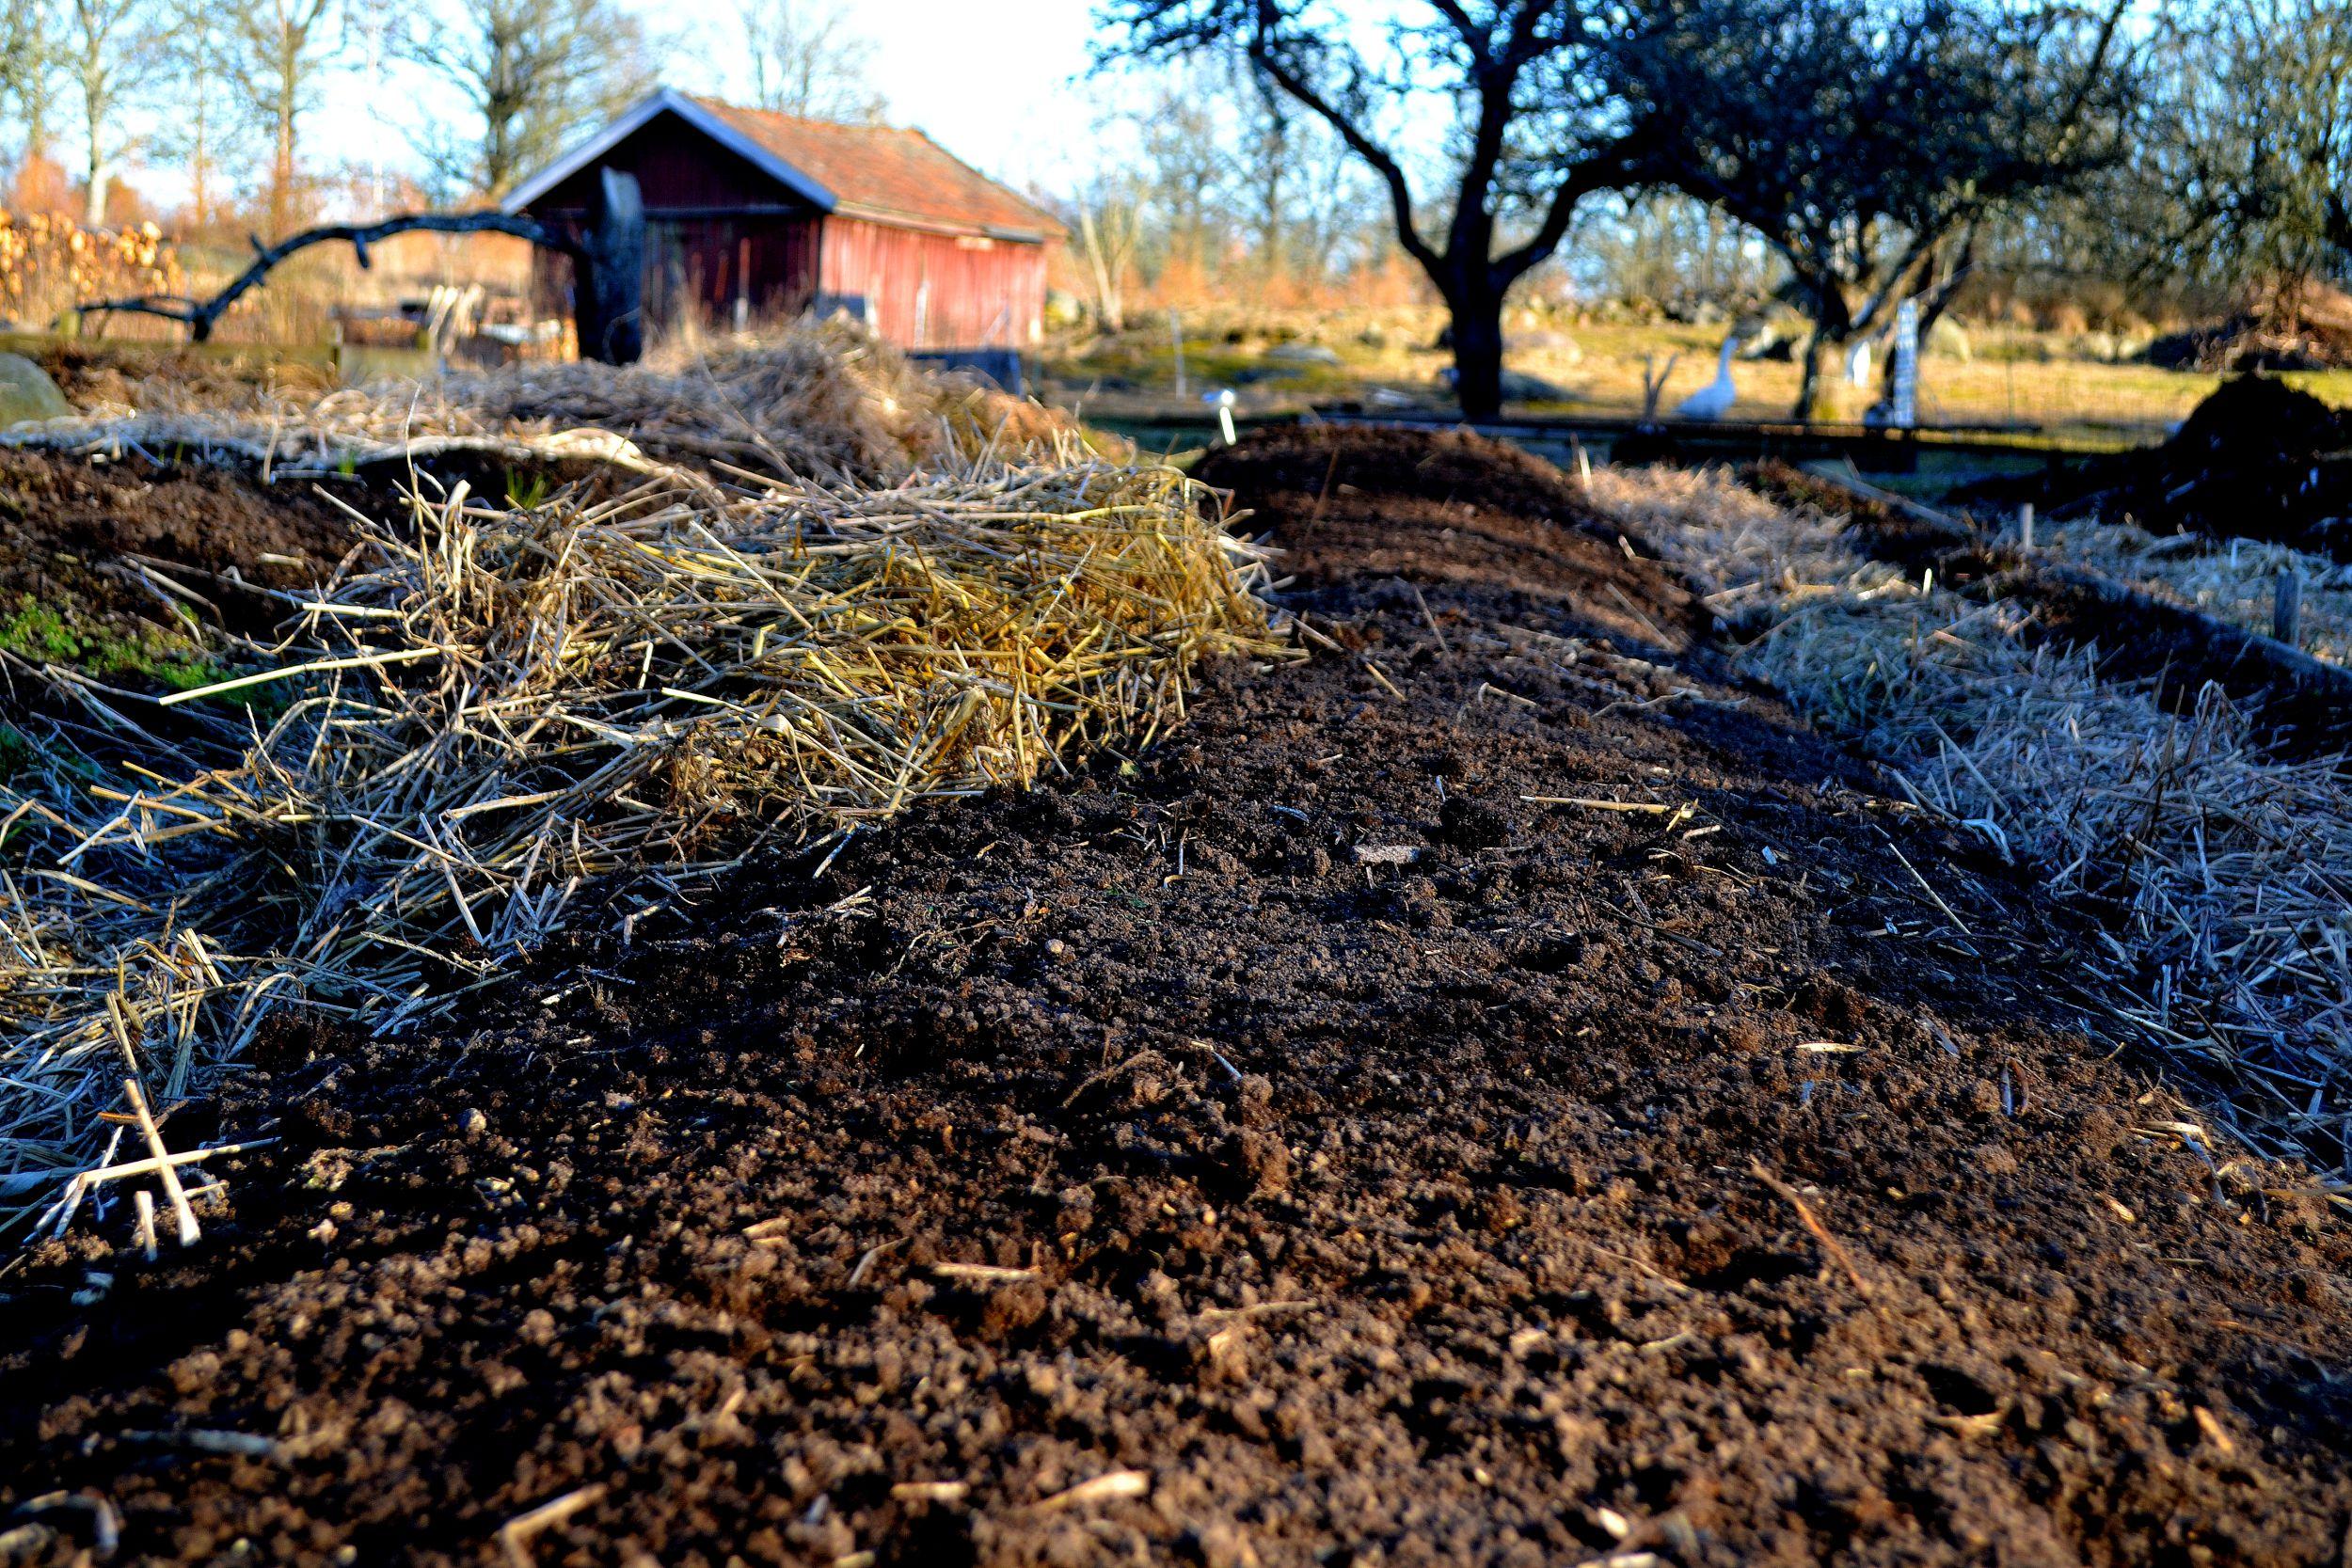 Nya odlingsbäddar har byggts av gödsel och halm.